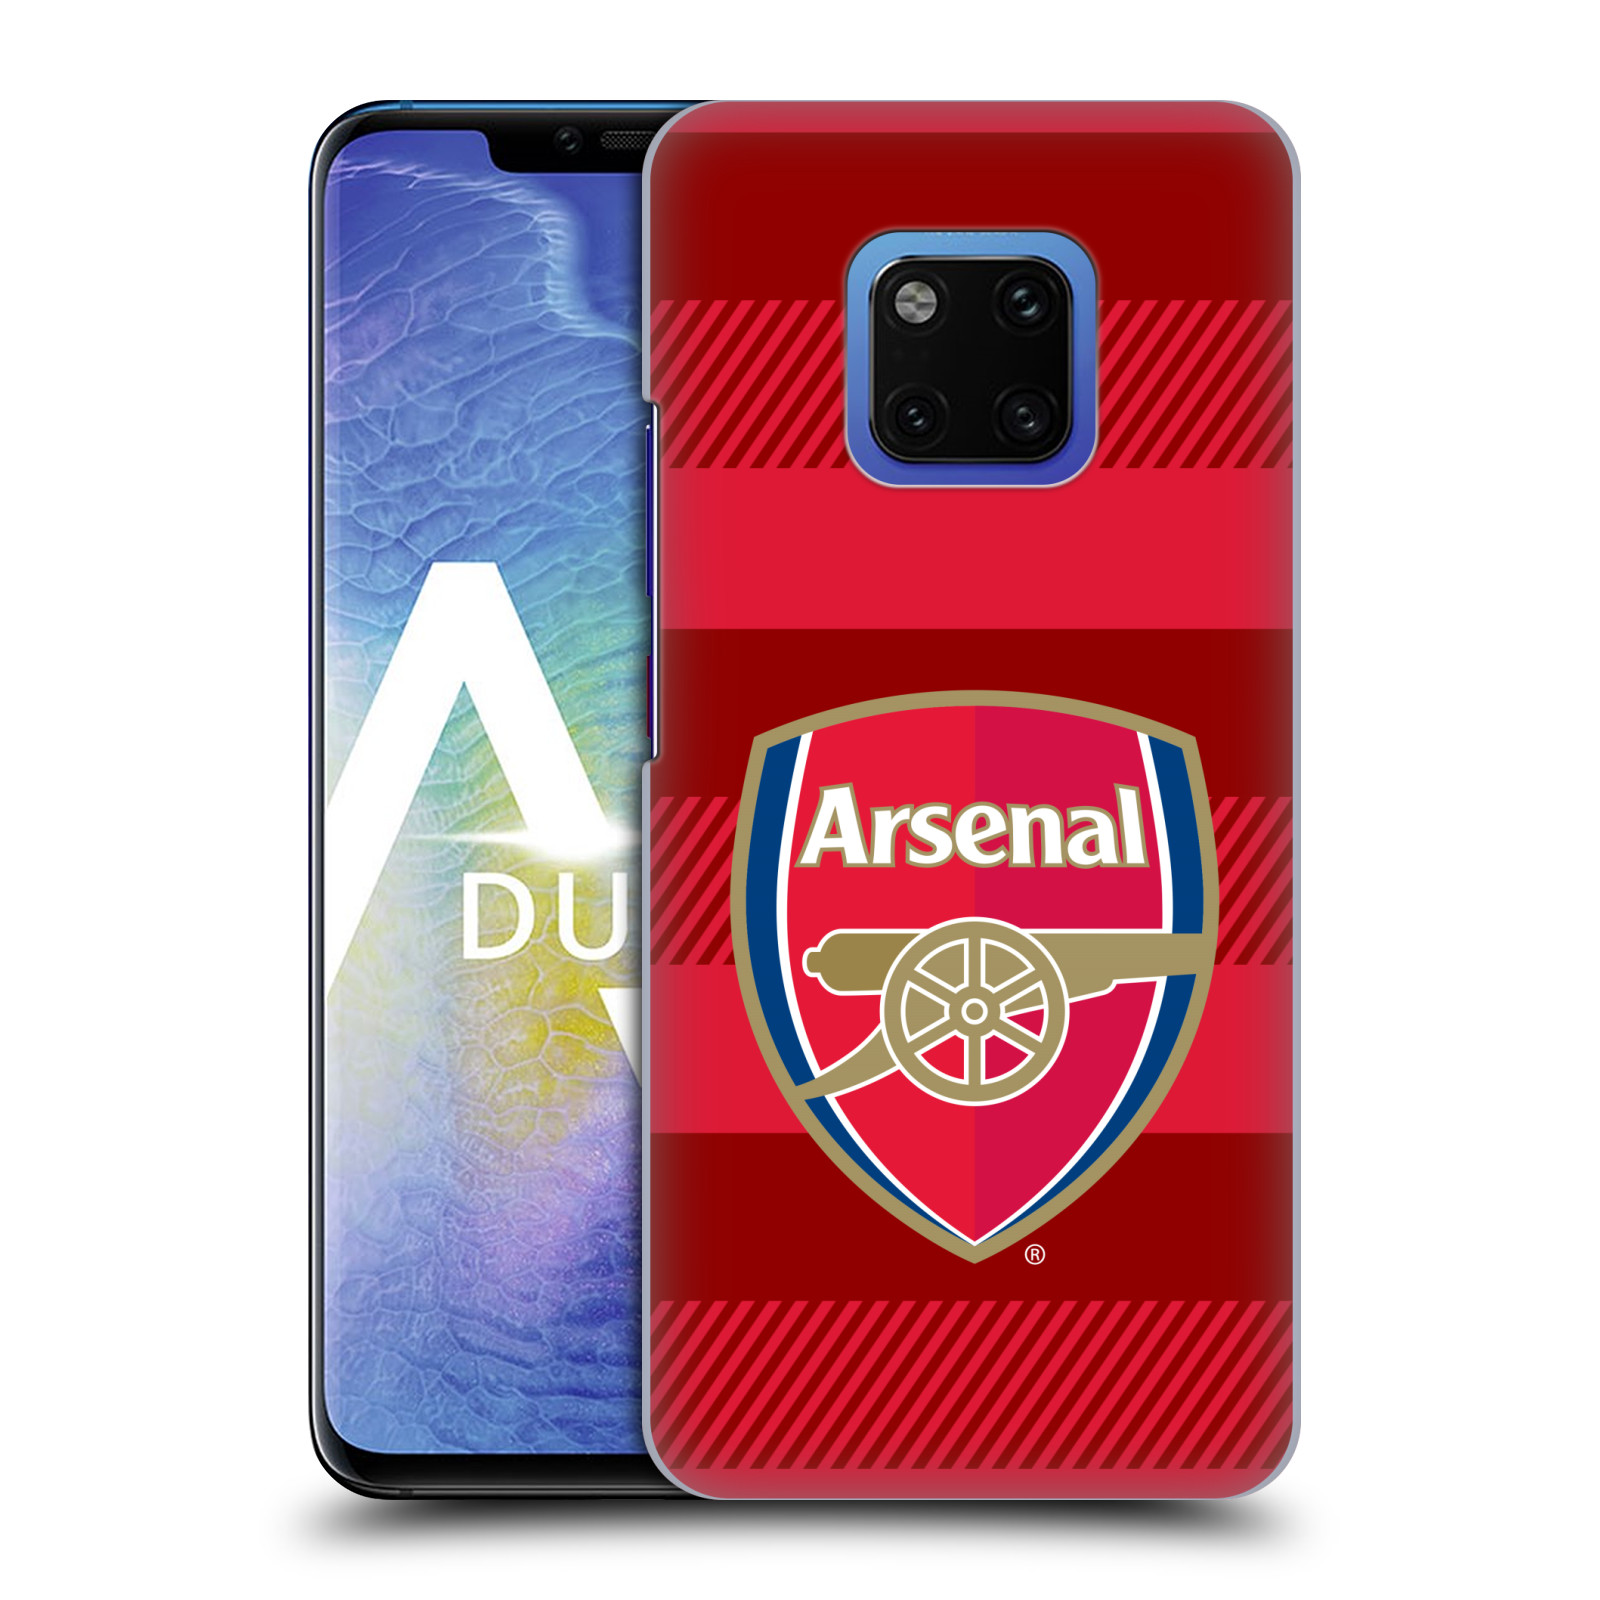 Plastové pouzdro na mobil Huawei Mate 20 Pro - Head Case - Arsenal FC - Logo s pruhy